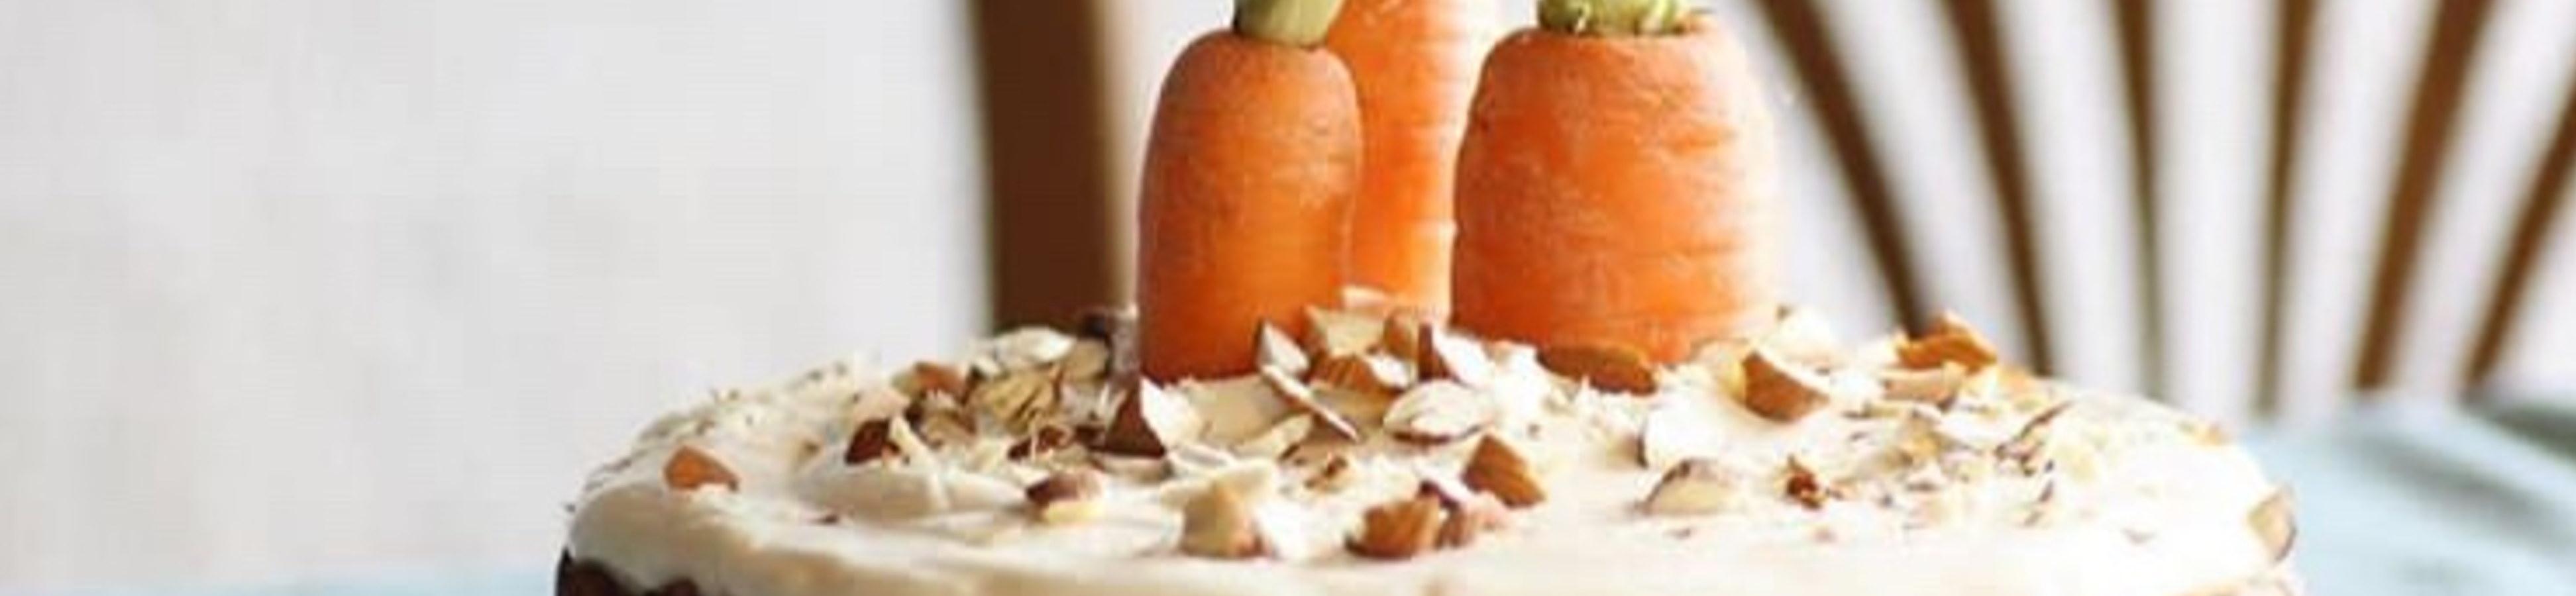 Karottenkuchen mit Honig Frosting